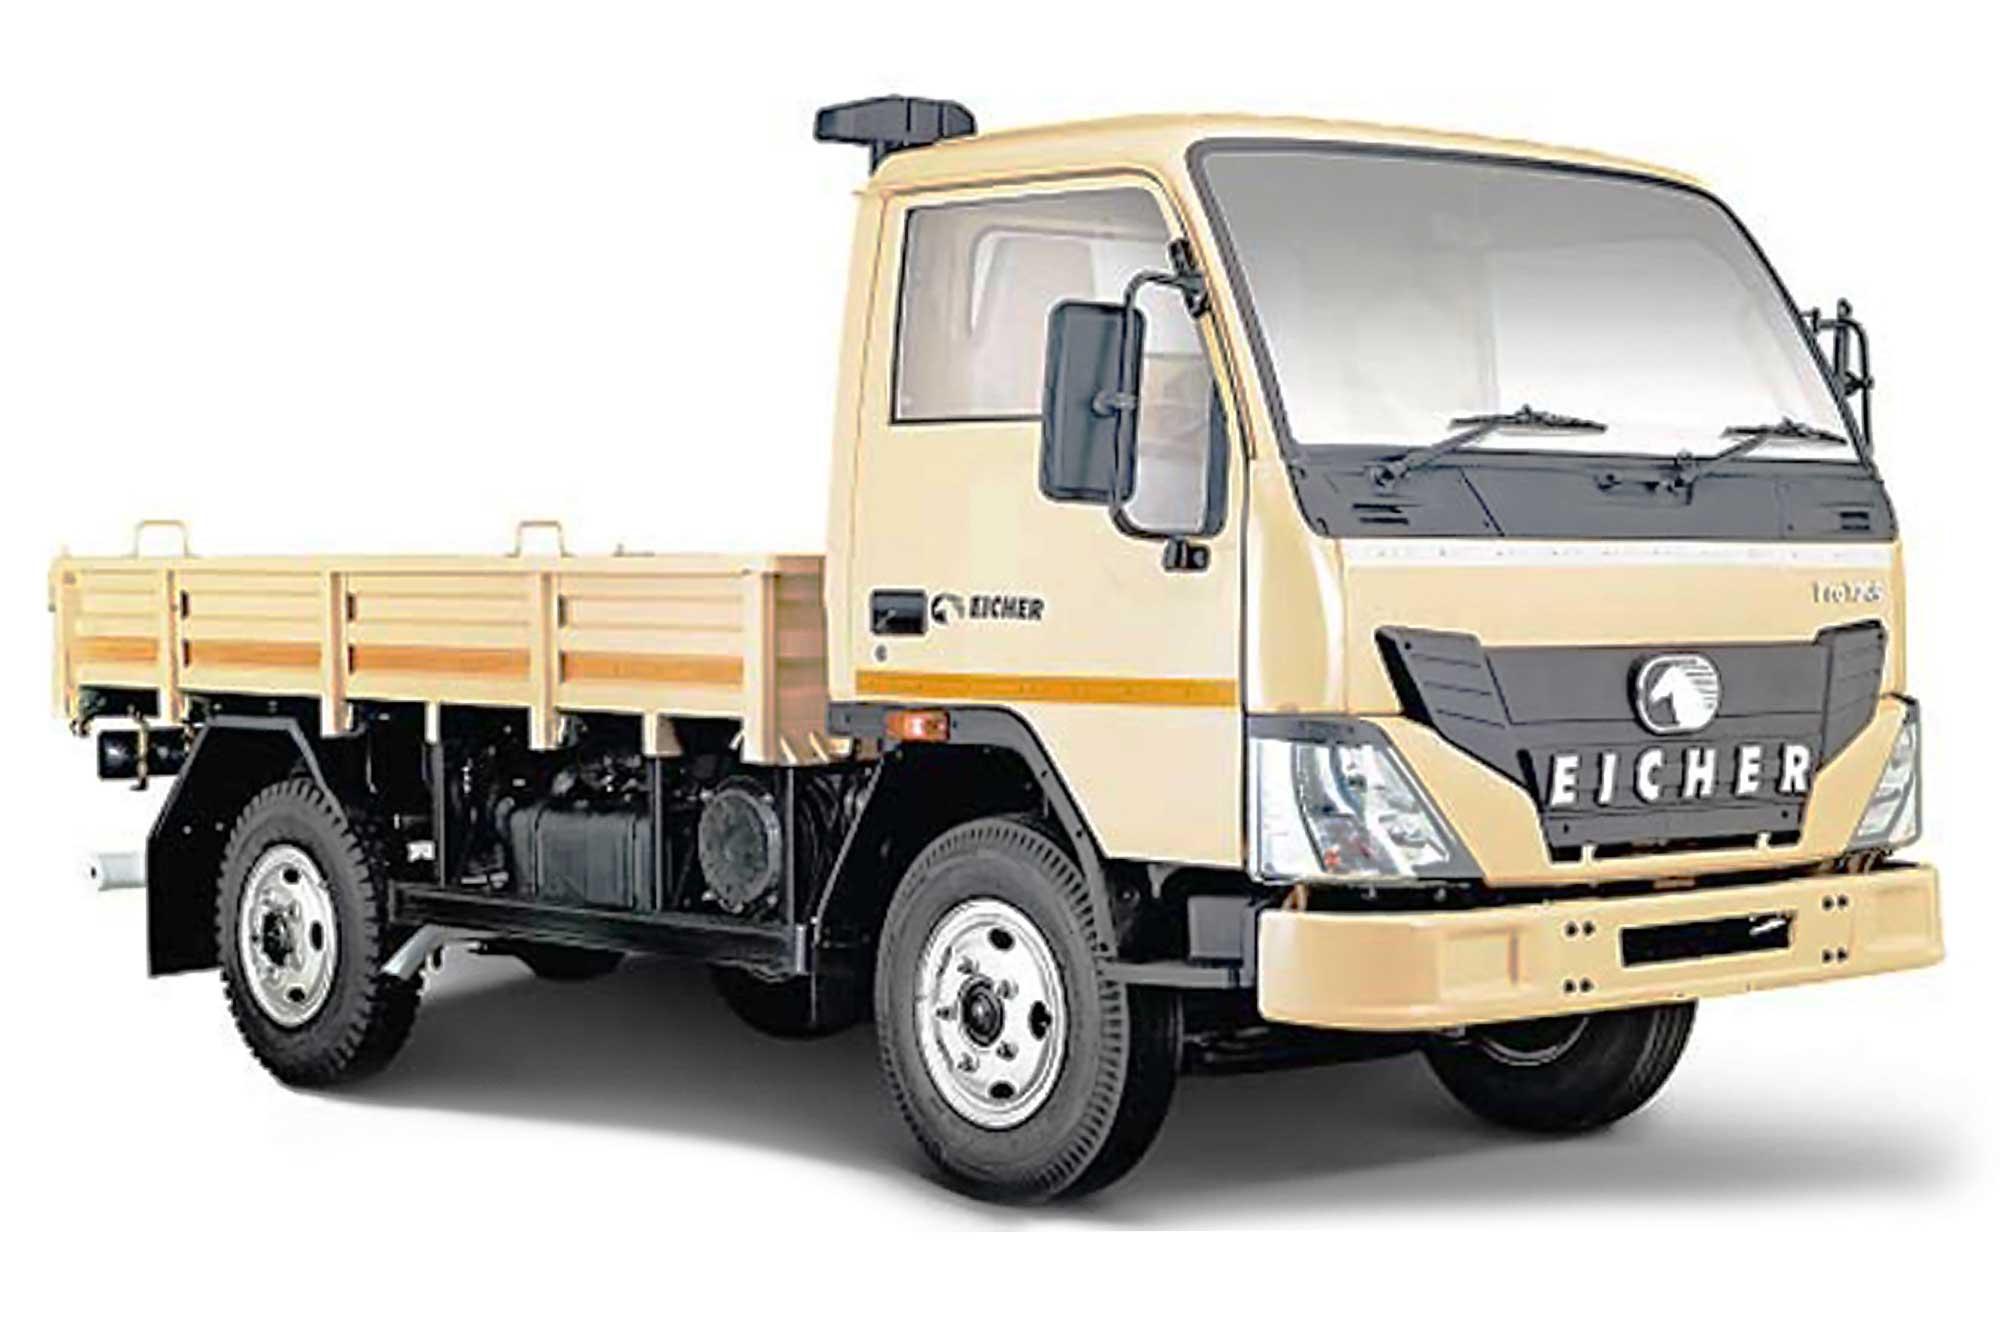 Rajinder Transport Service